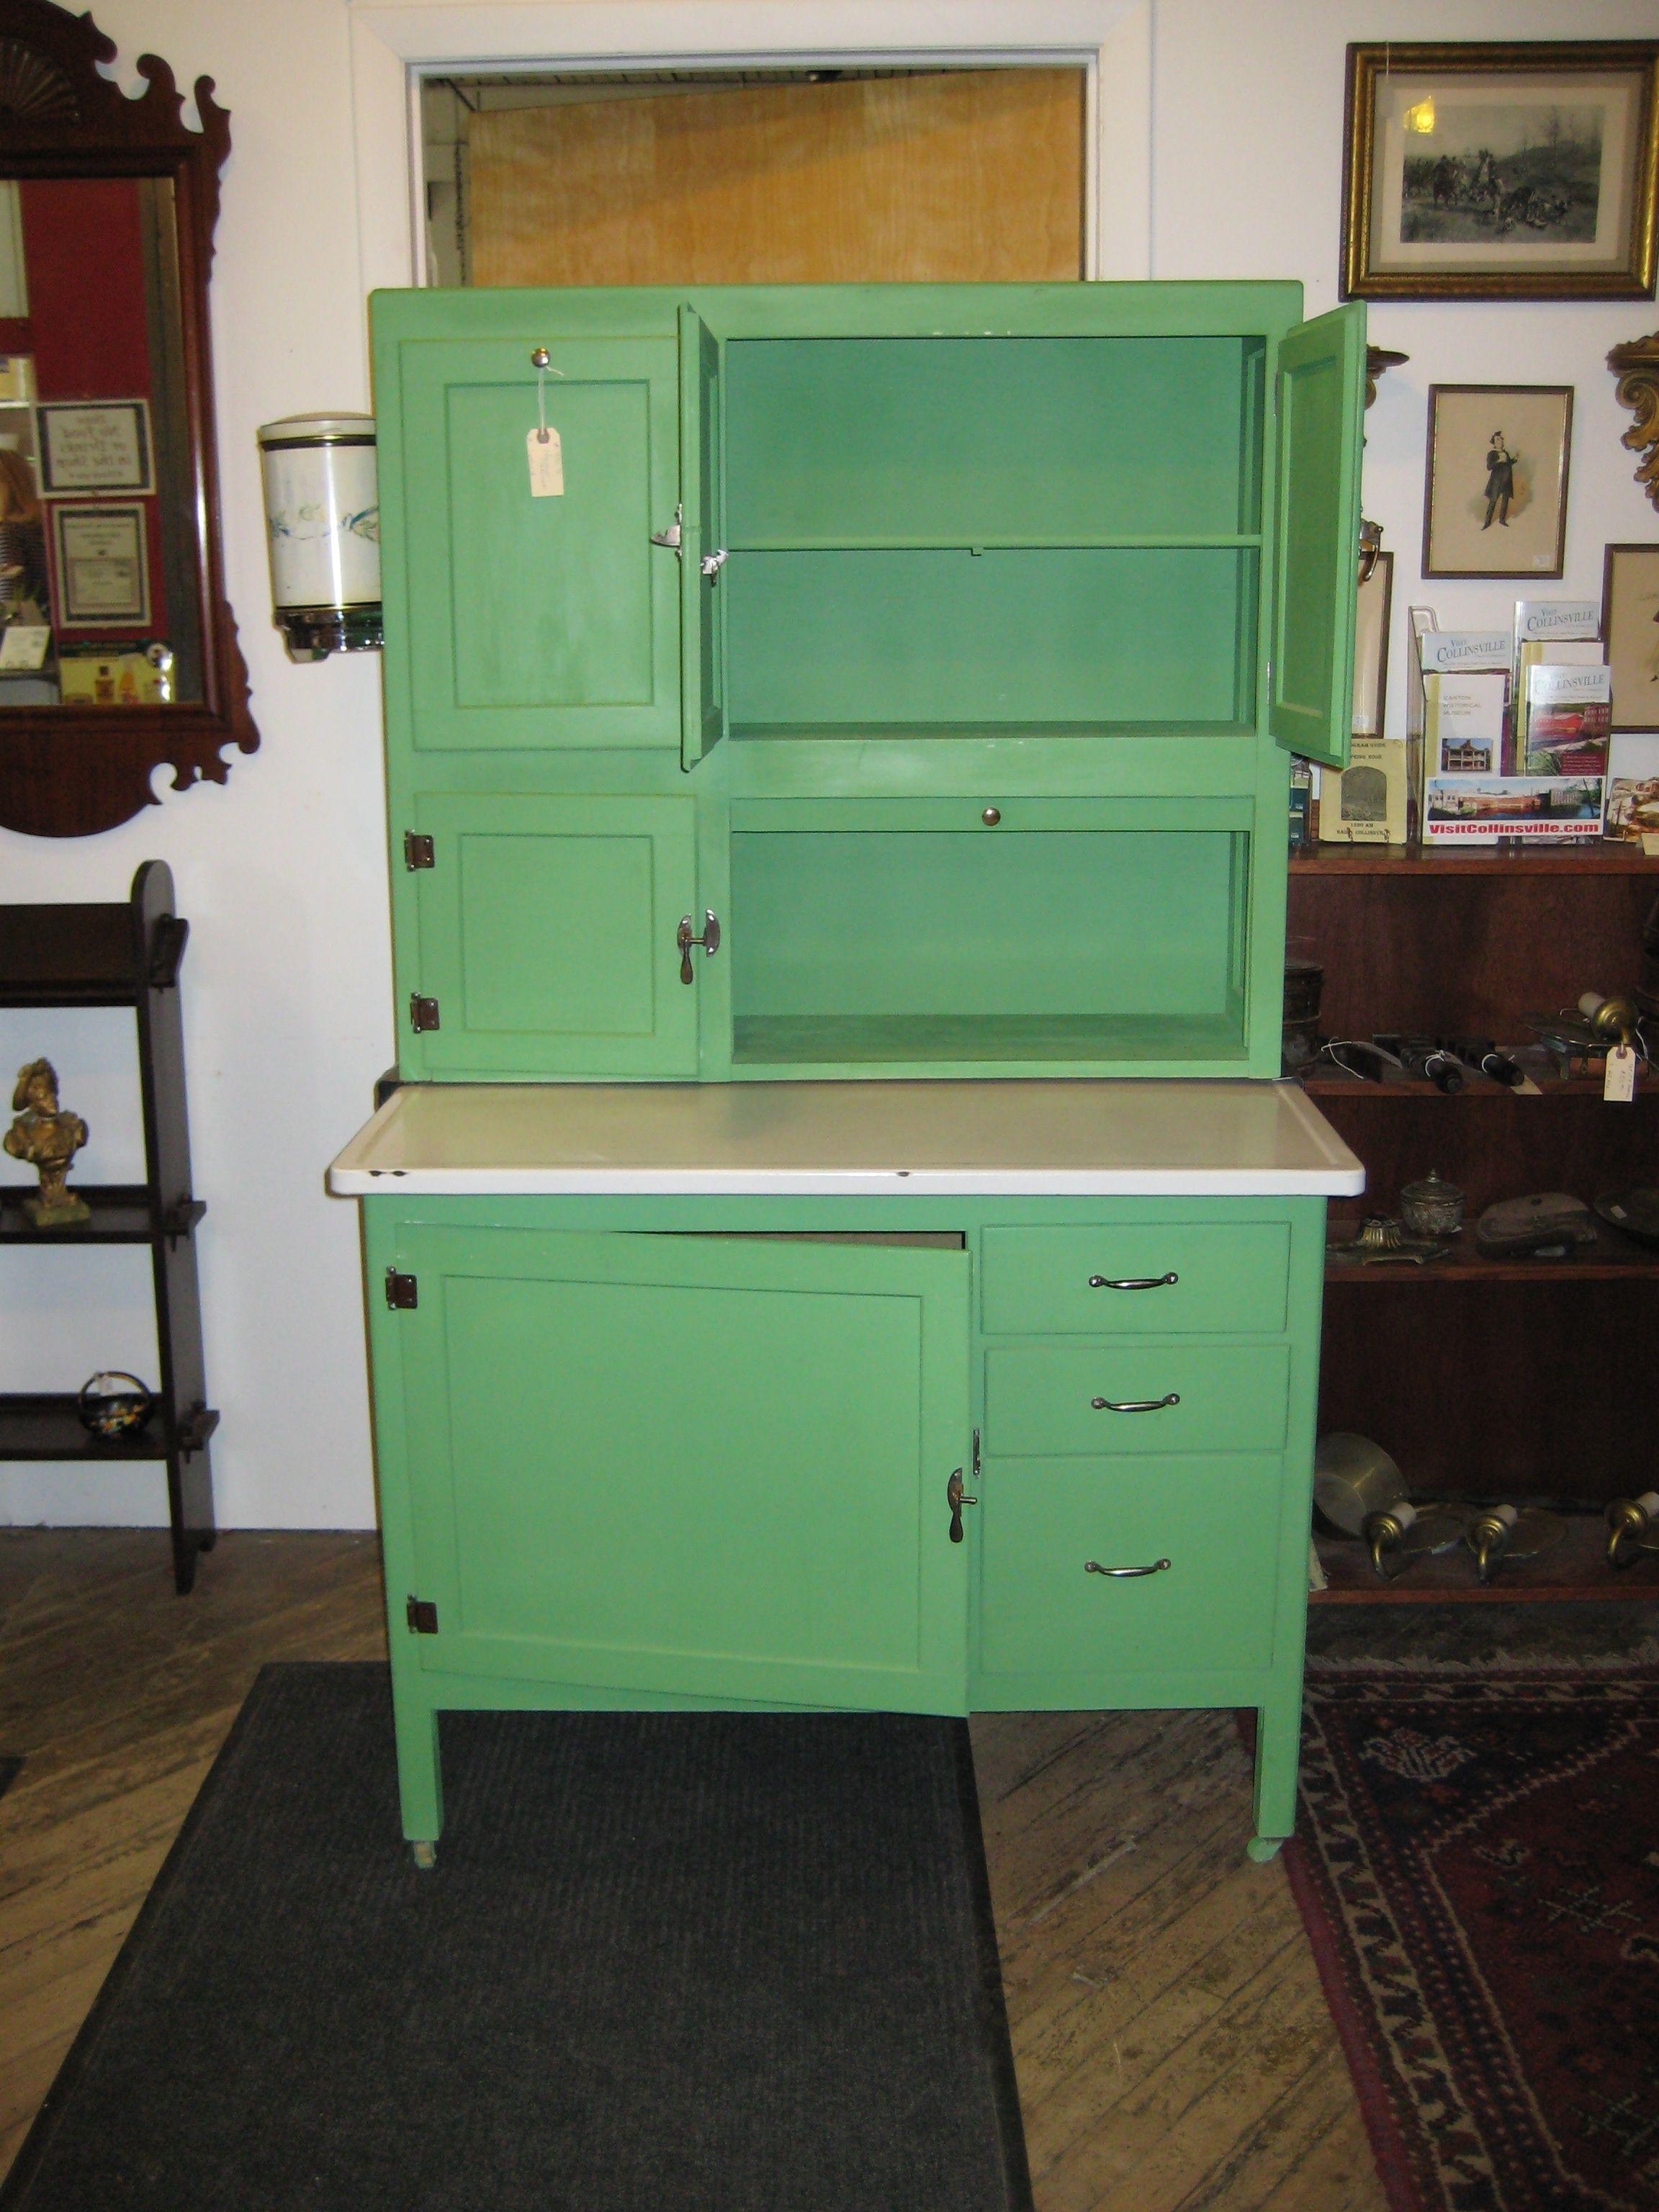 antique kitchen cabinets salvage antique kitchen cabinets salvage   kitchen cabinets   pinterest  rh   pinterest com